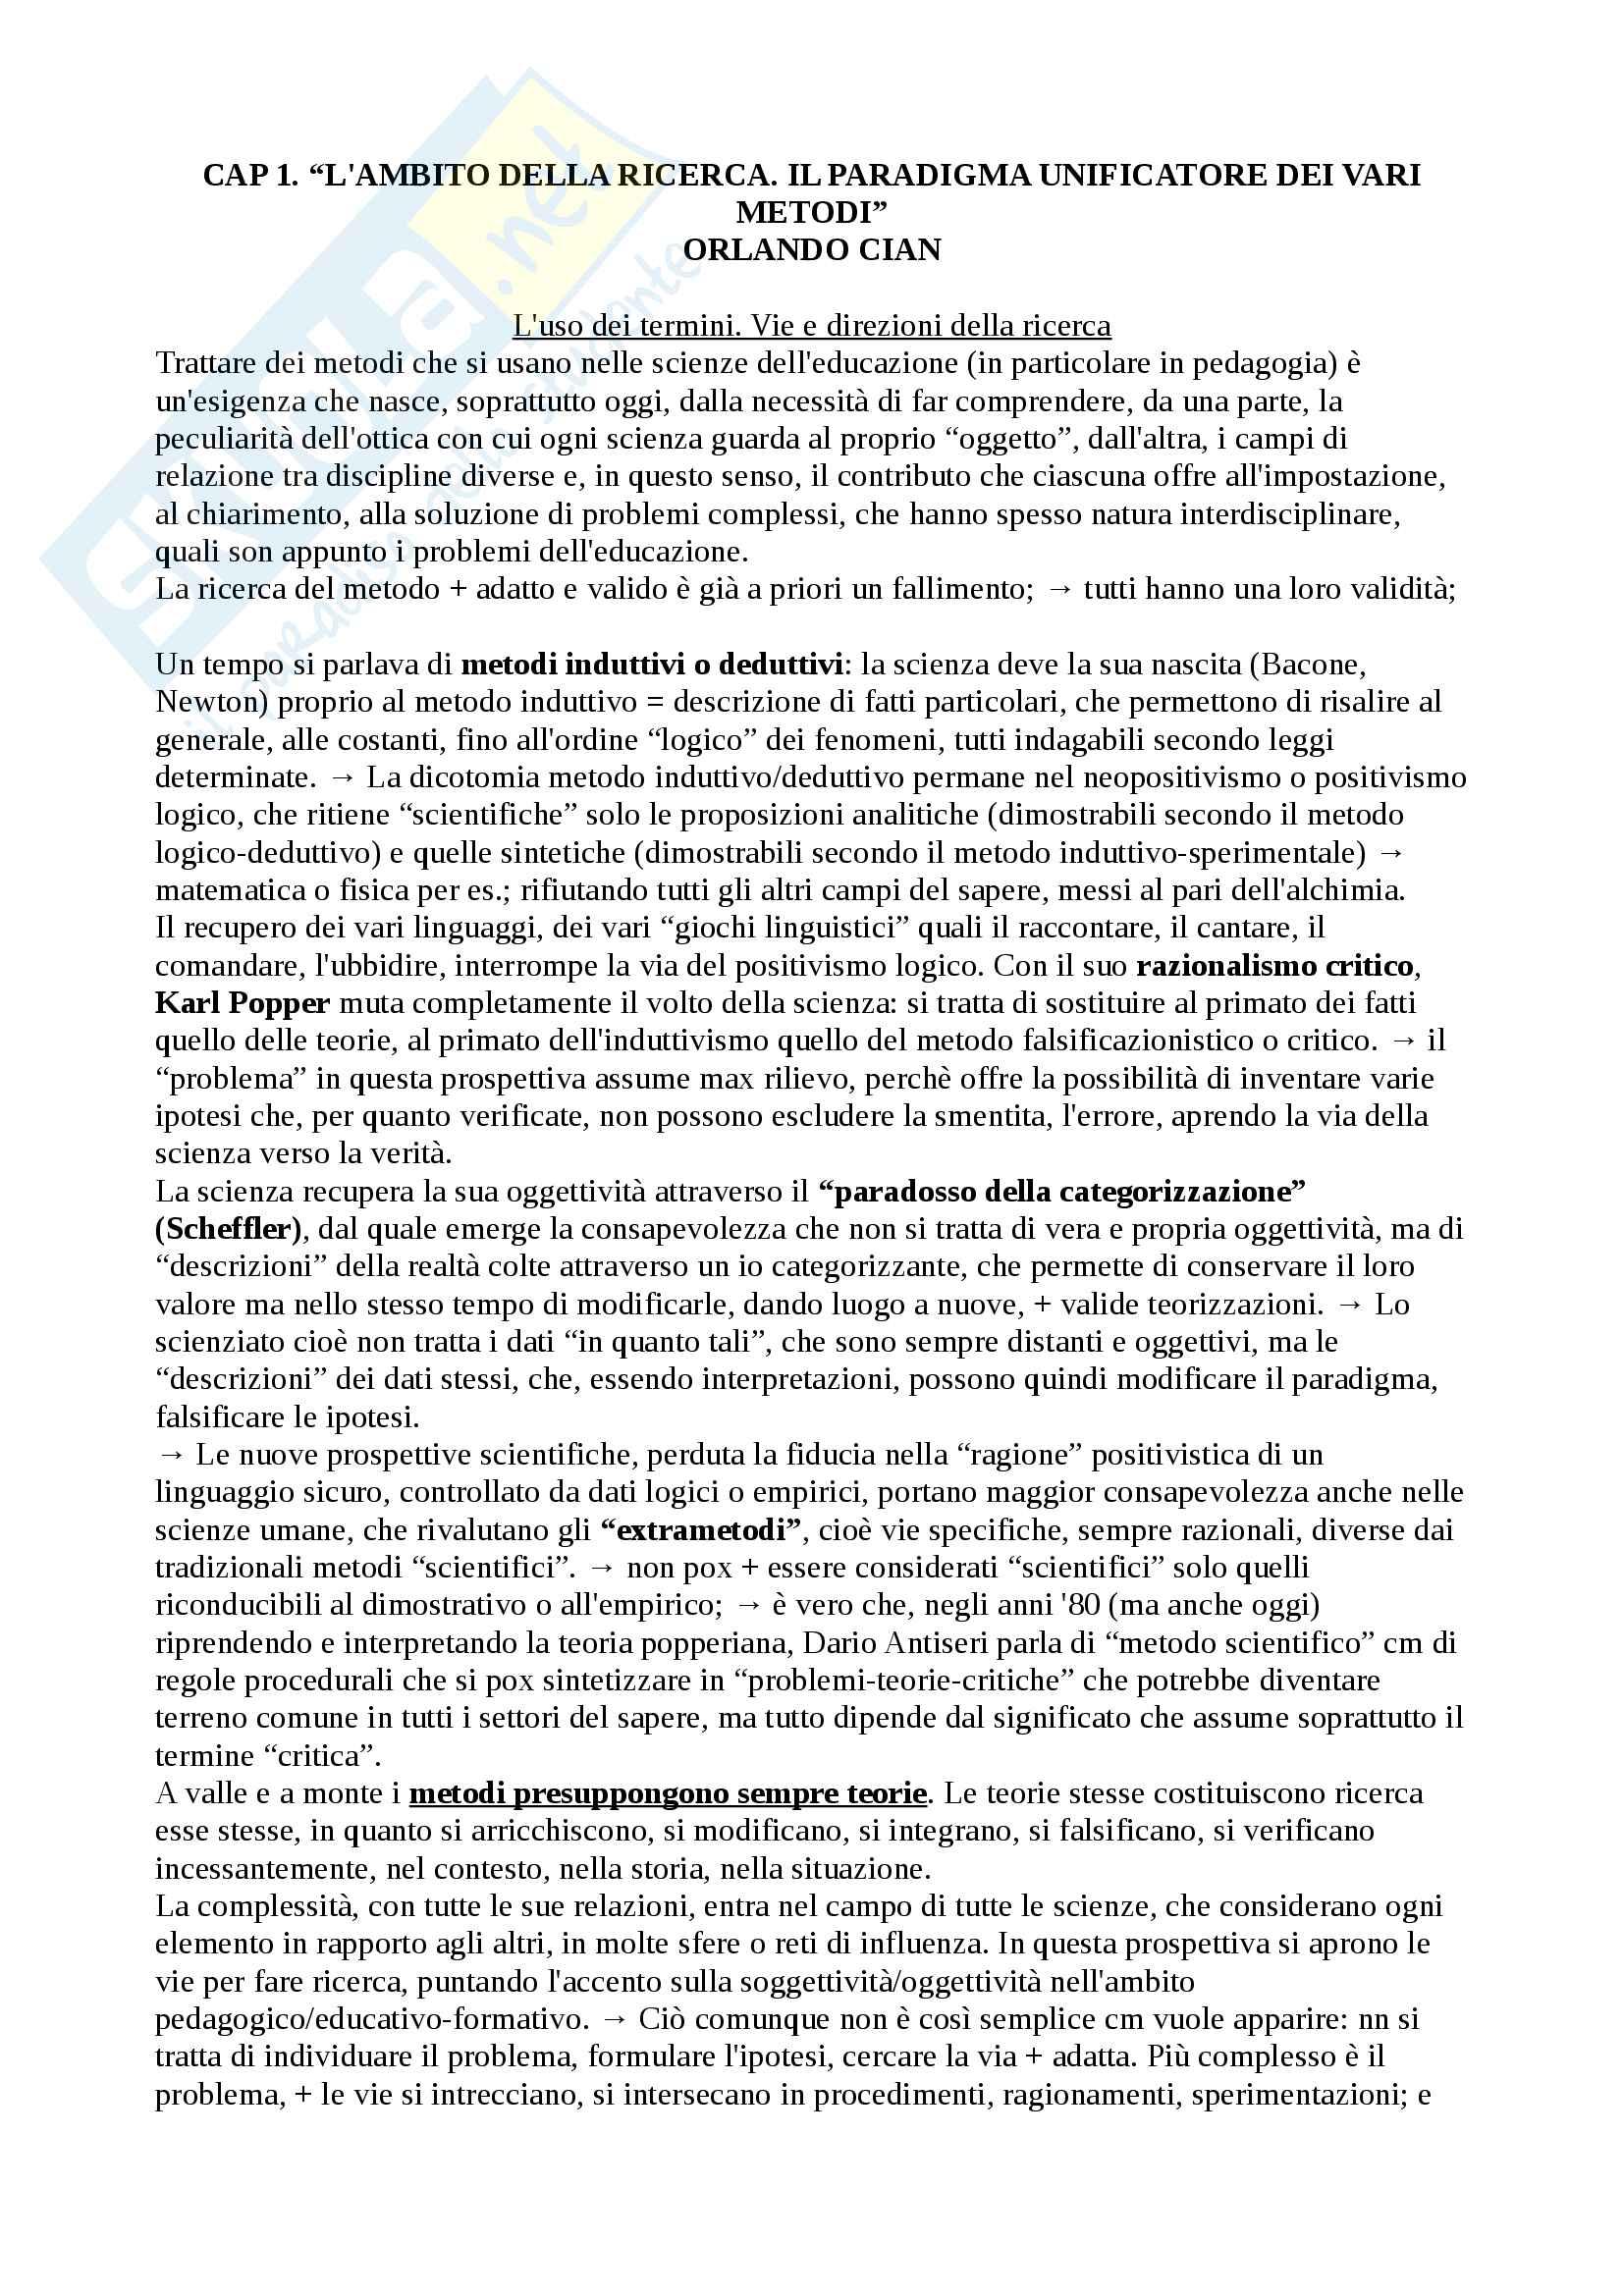 Riassunto esame Metodologia della ricerca pedagogica, prof. Gasperi, libro consigliato Metodologia della ricerca pedagogica, Orlando Cian